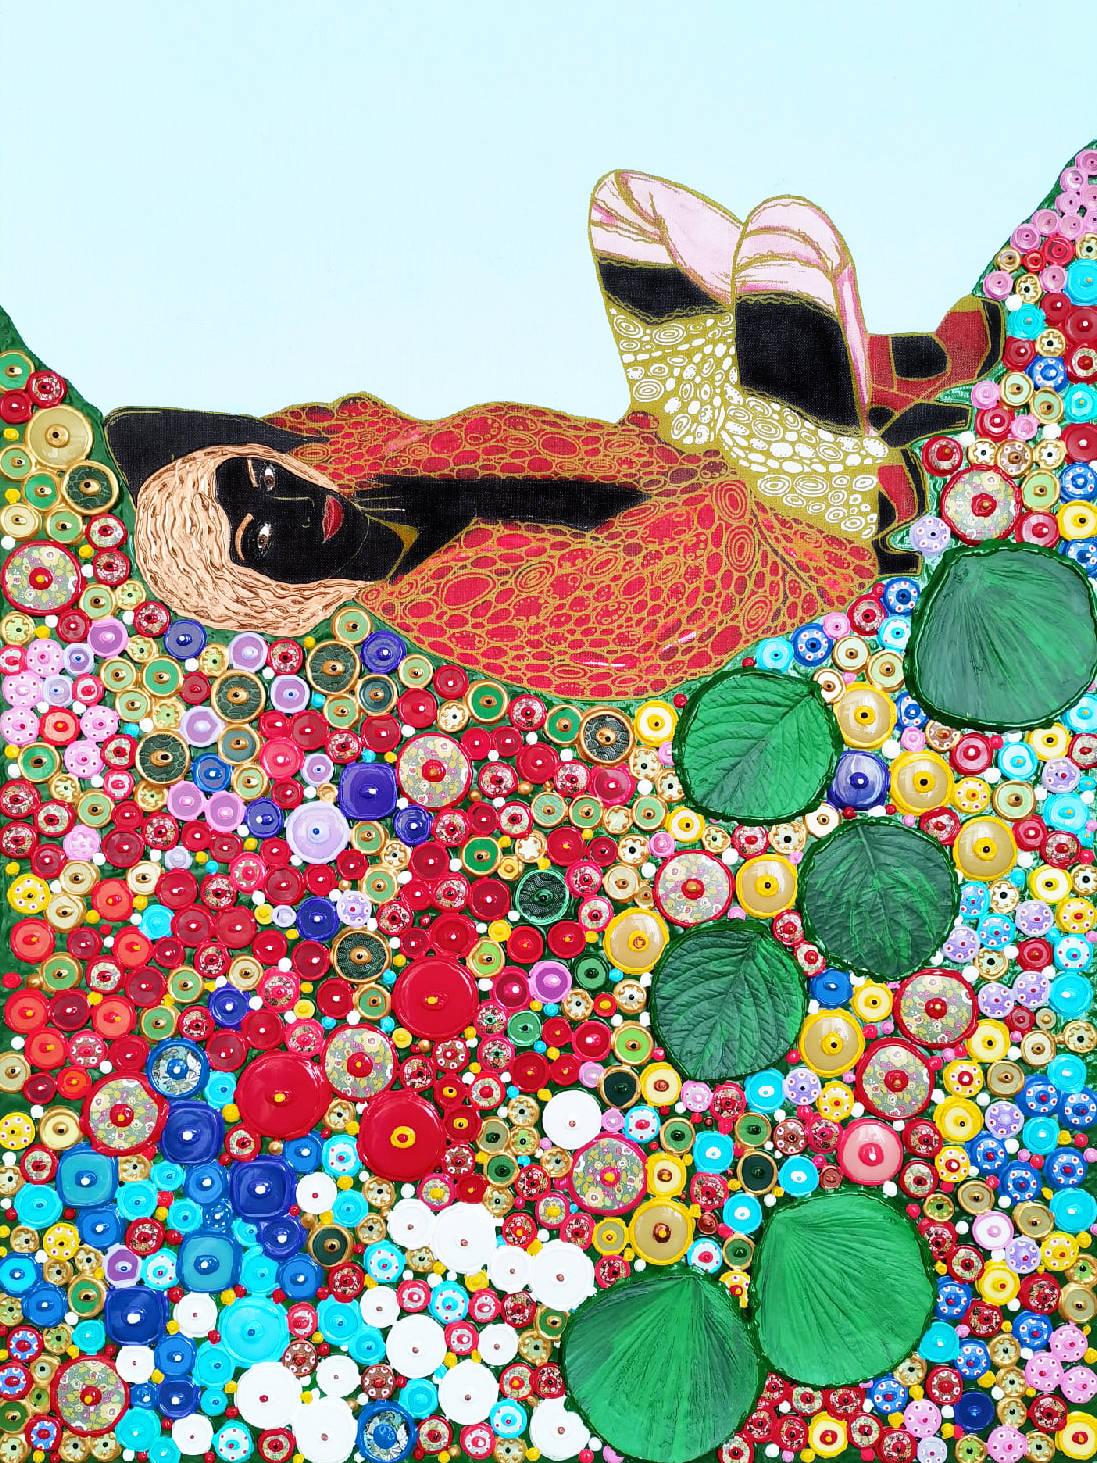 Акрил, холст, золотой контур, декоративные элементы, акриловая и деревянная мозаика